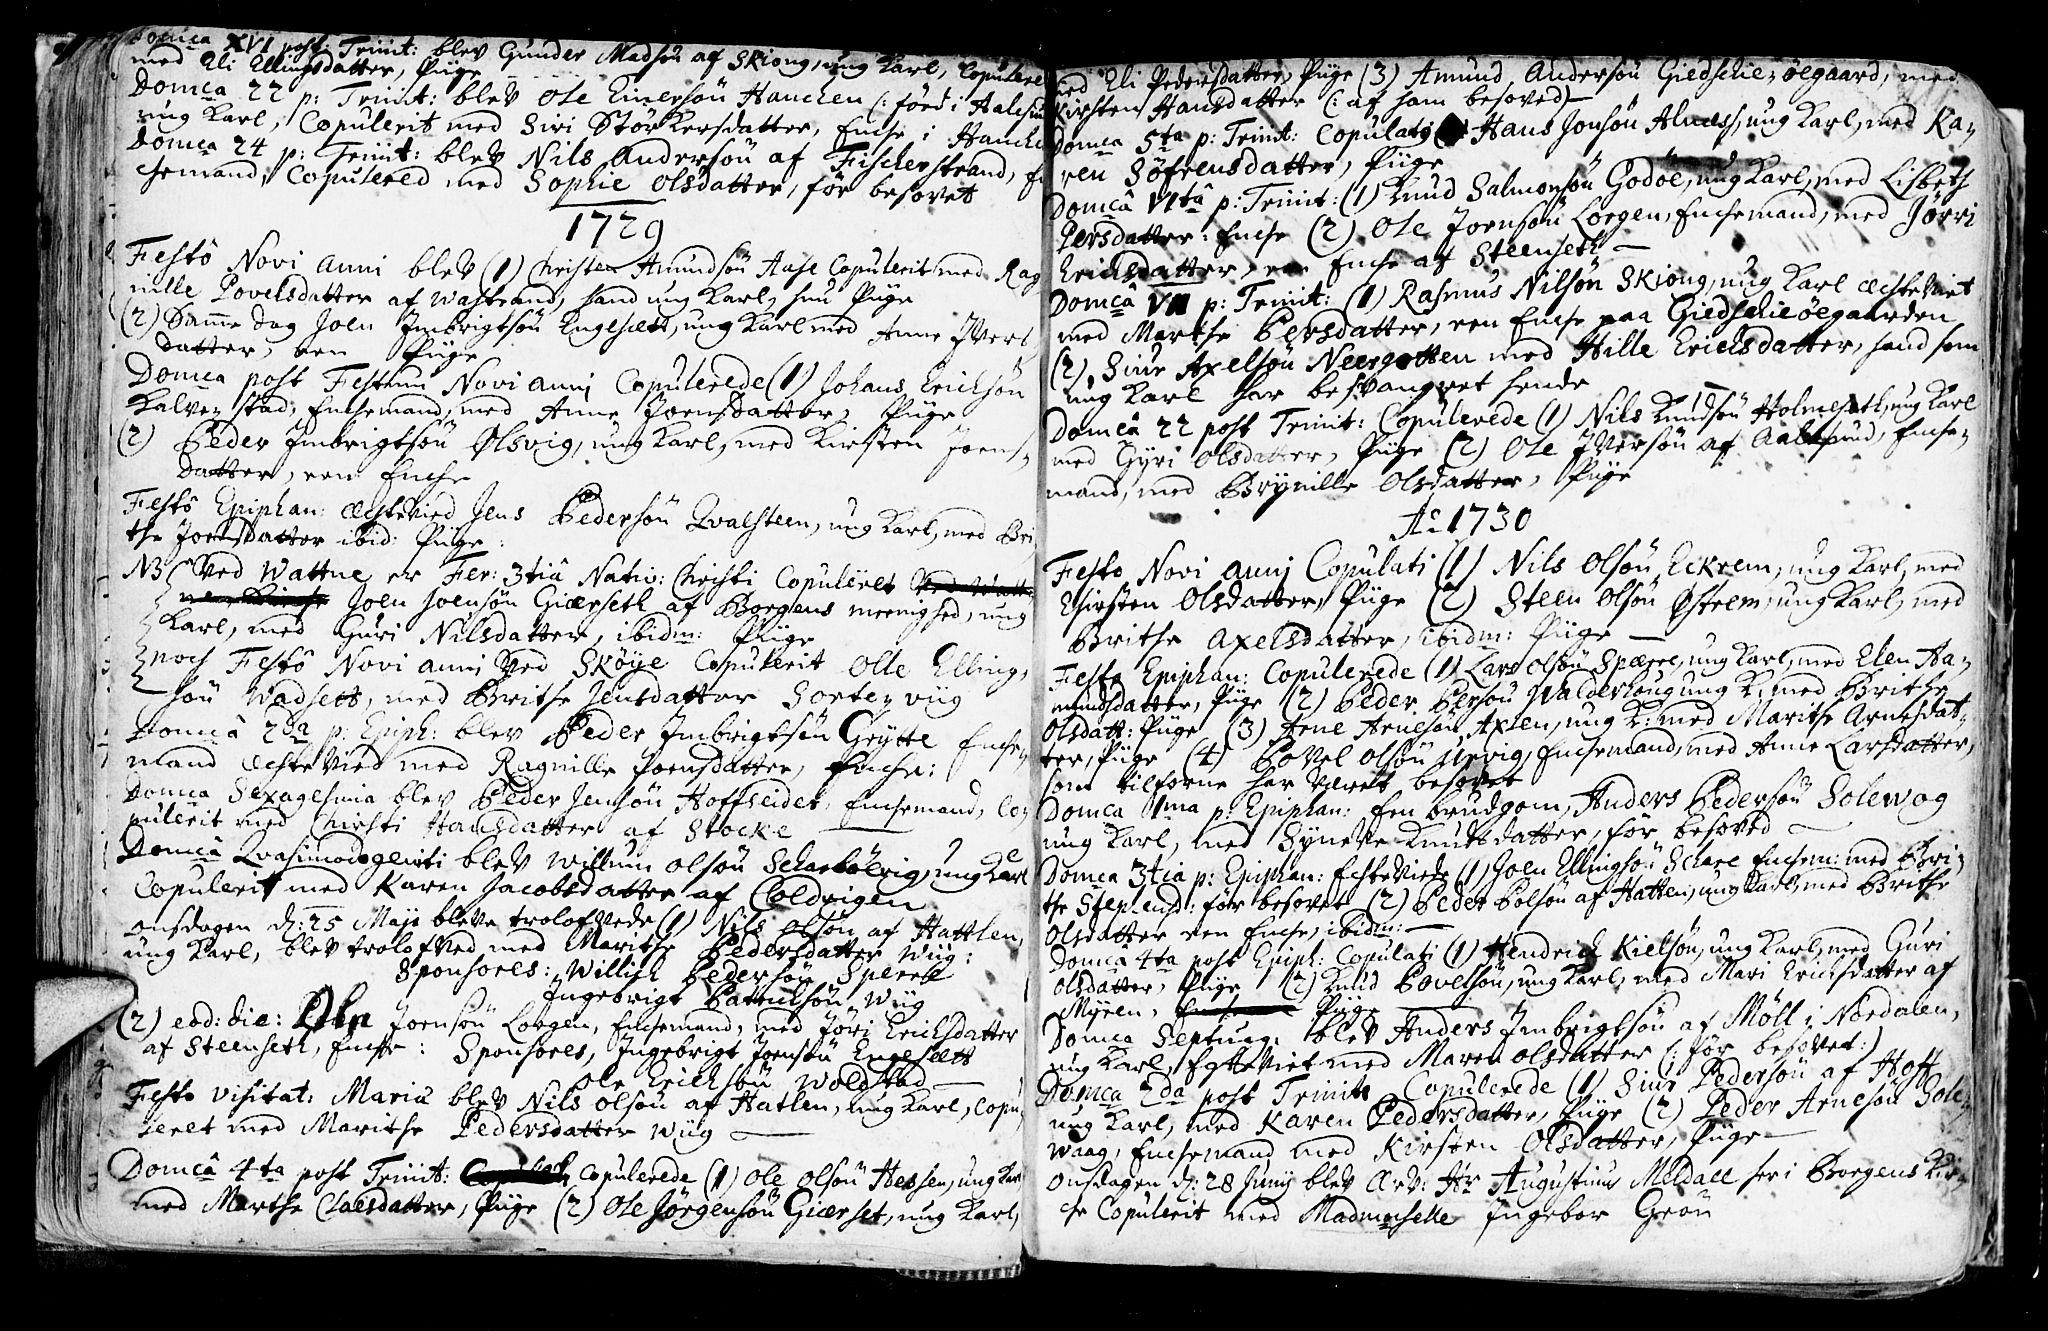 SAT, Ministerialprotokoller, klokkerbøker og fødselsregistre - Møre og Romsdal, 528/L0390: Ministerialbok nr. 528A01, 1698-1739, s. 110-111